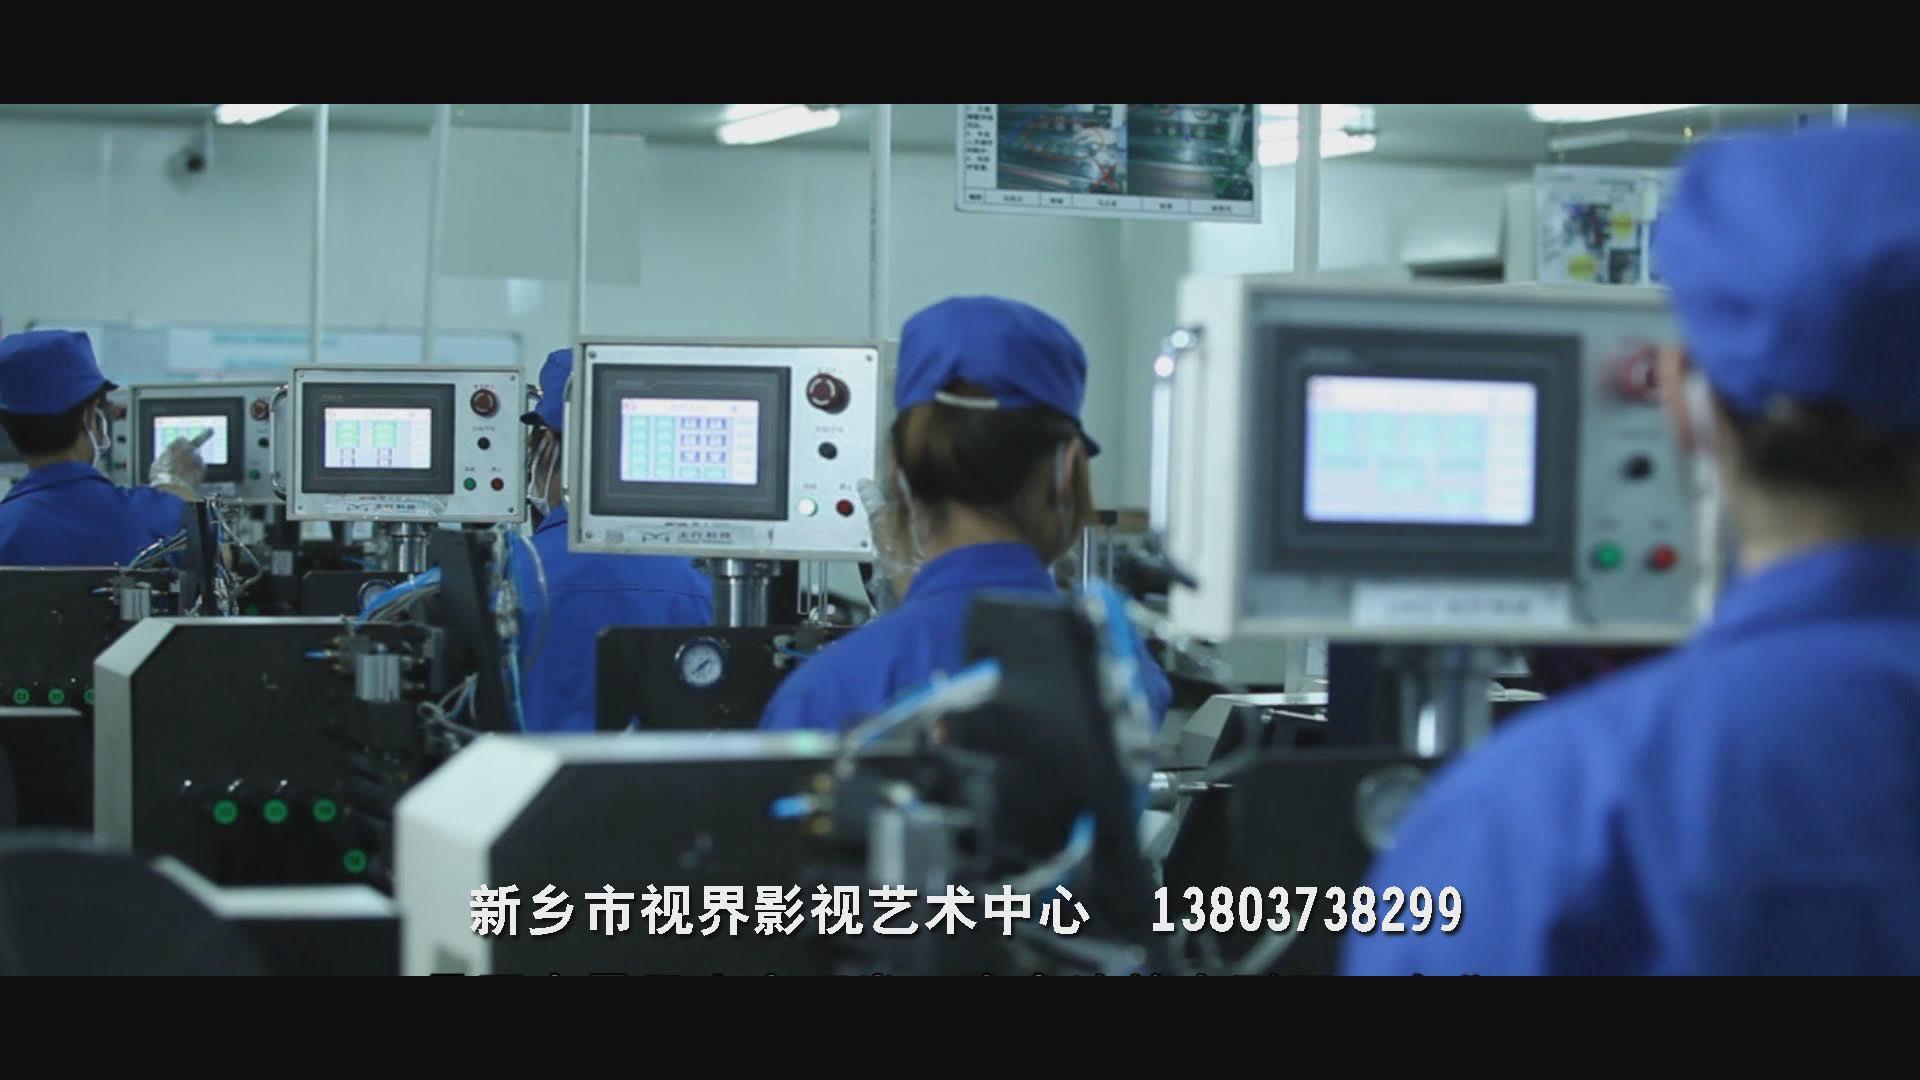 新乡大型企业宣传片